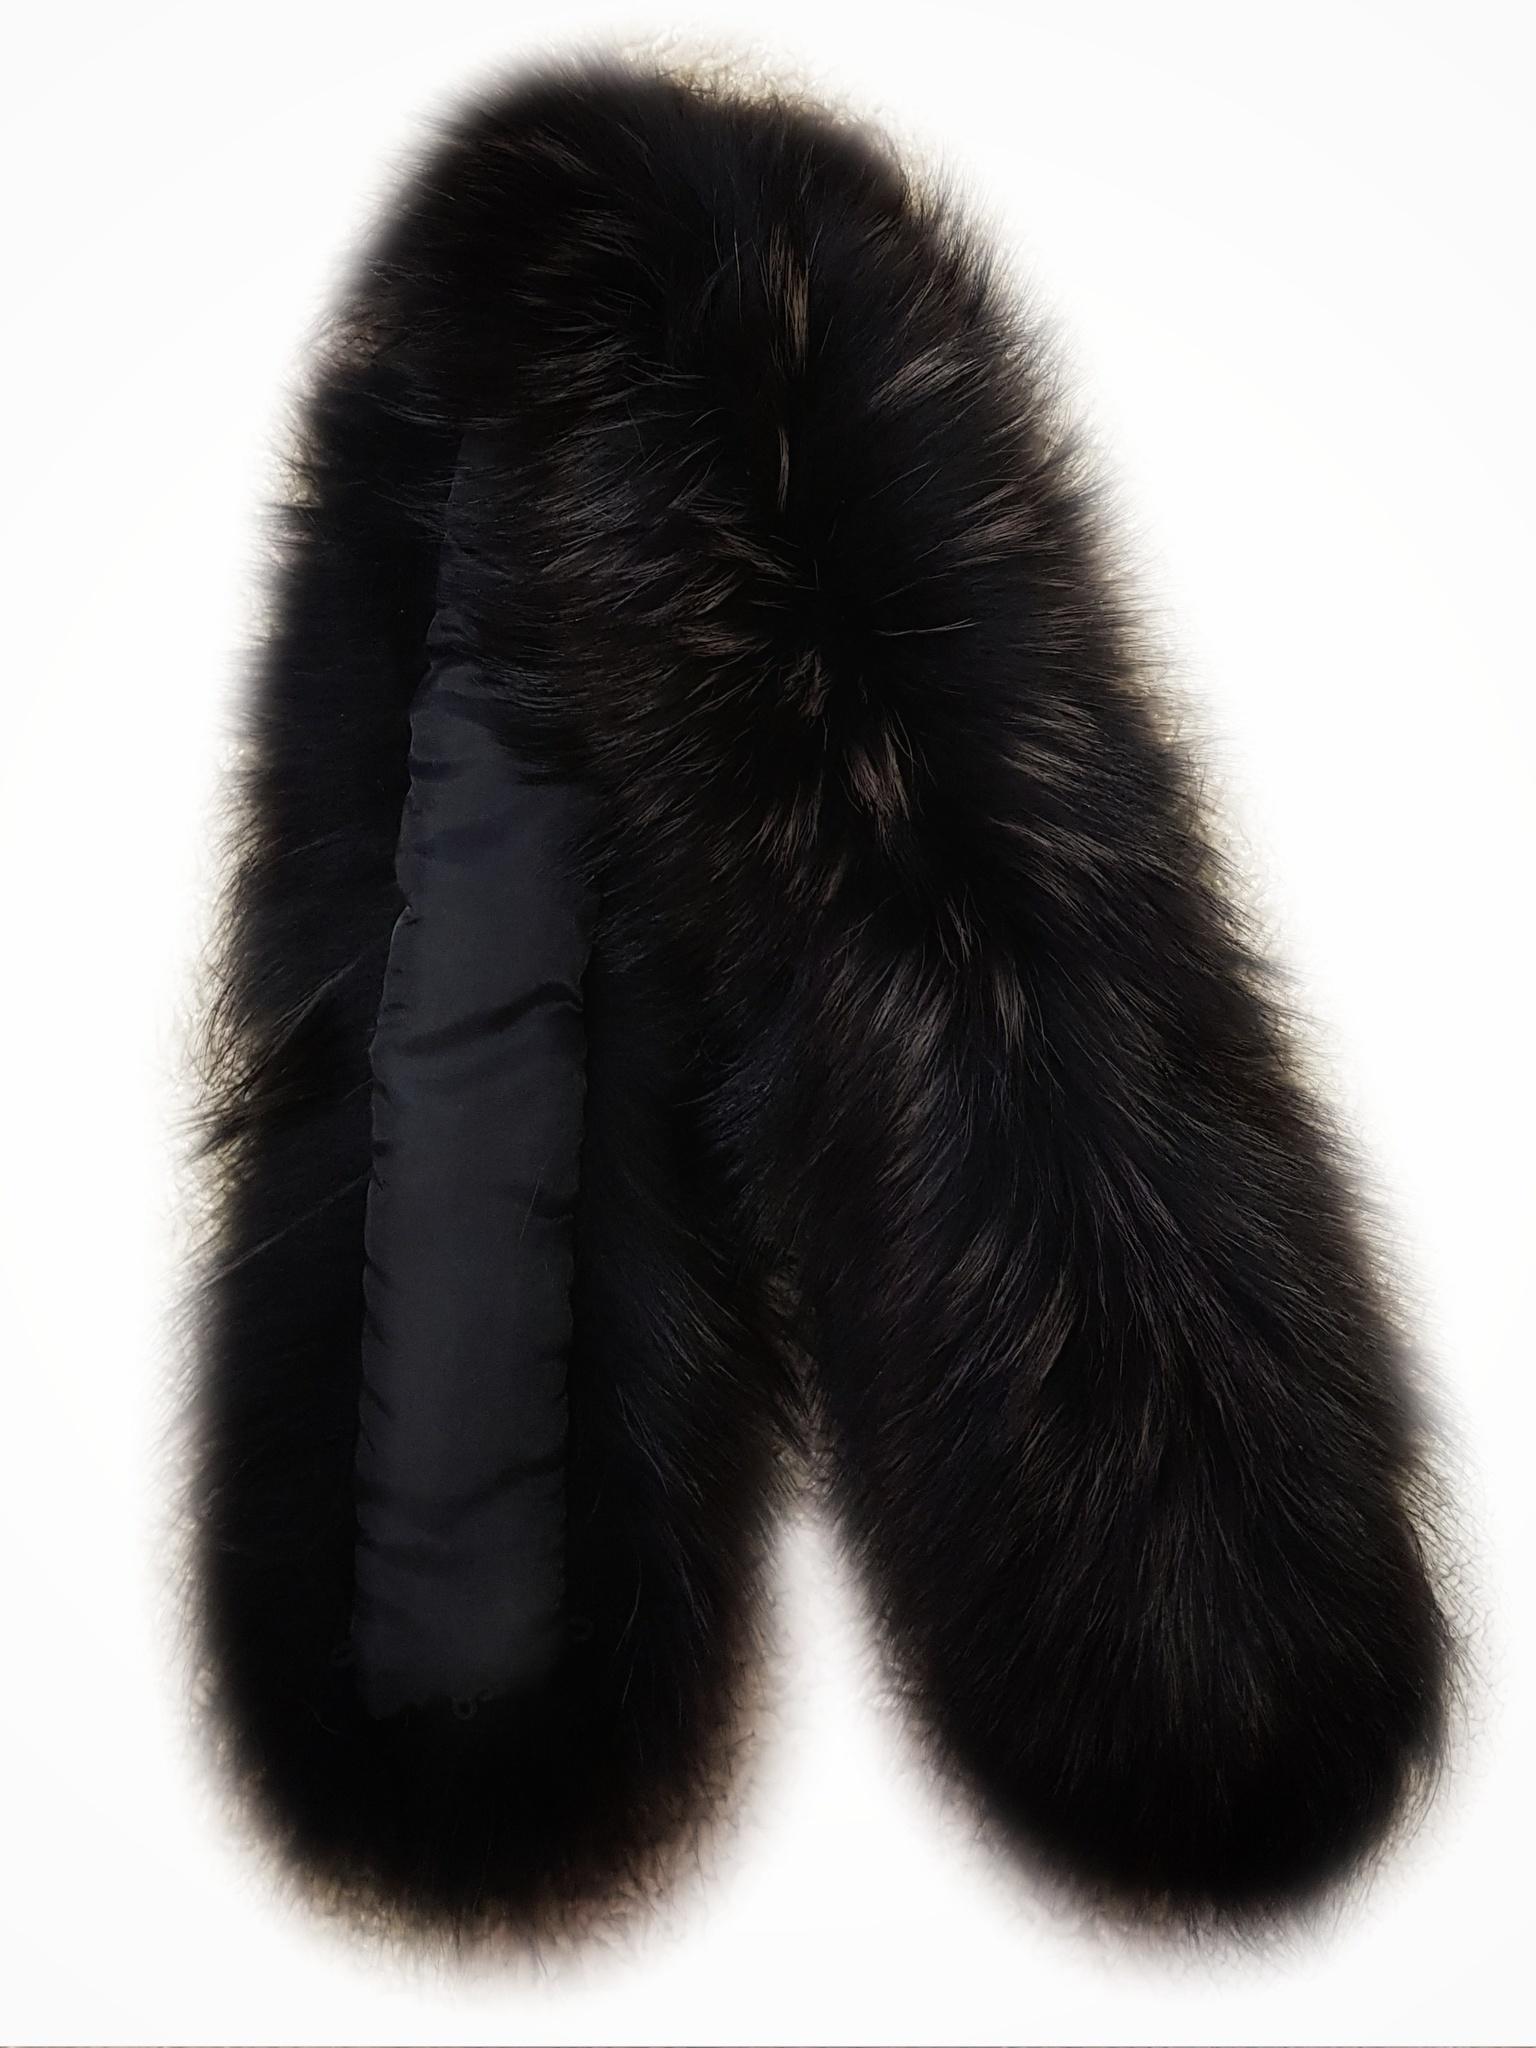 Опушка меховая на капюшон из натурального меха енот 80 см. Черная с золотистыми кончиками